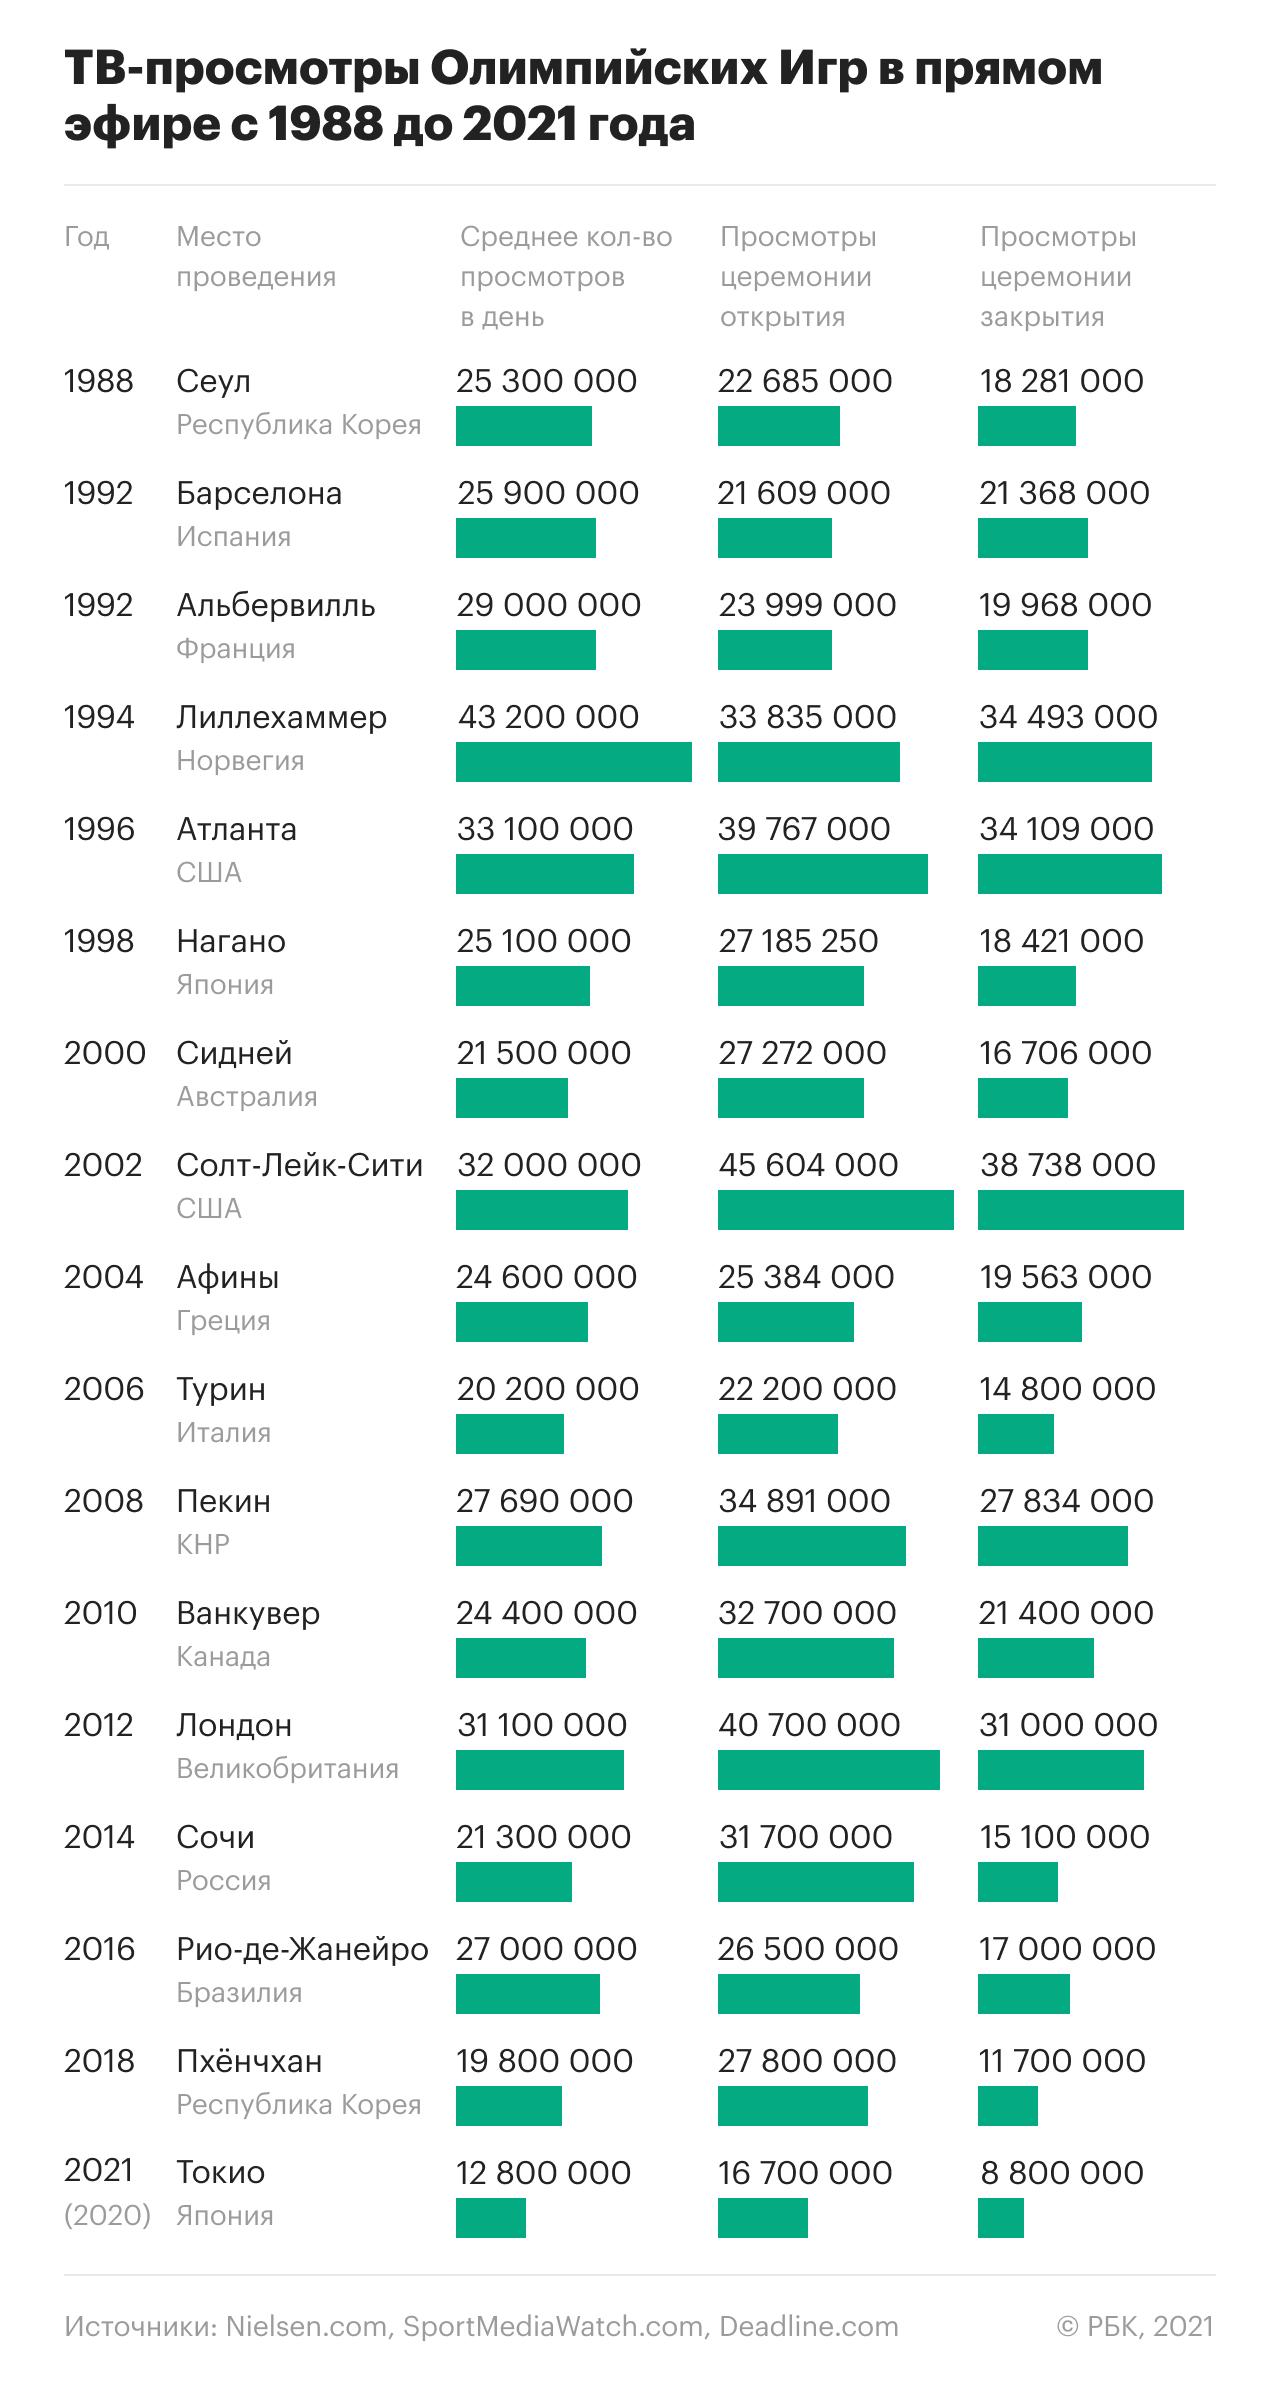 У токийских Игр количество ТВ-просмотров одно из самых низких за всю историю современной Олимпиады